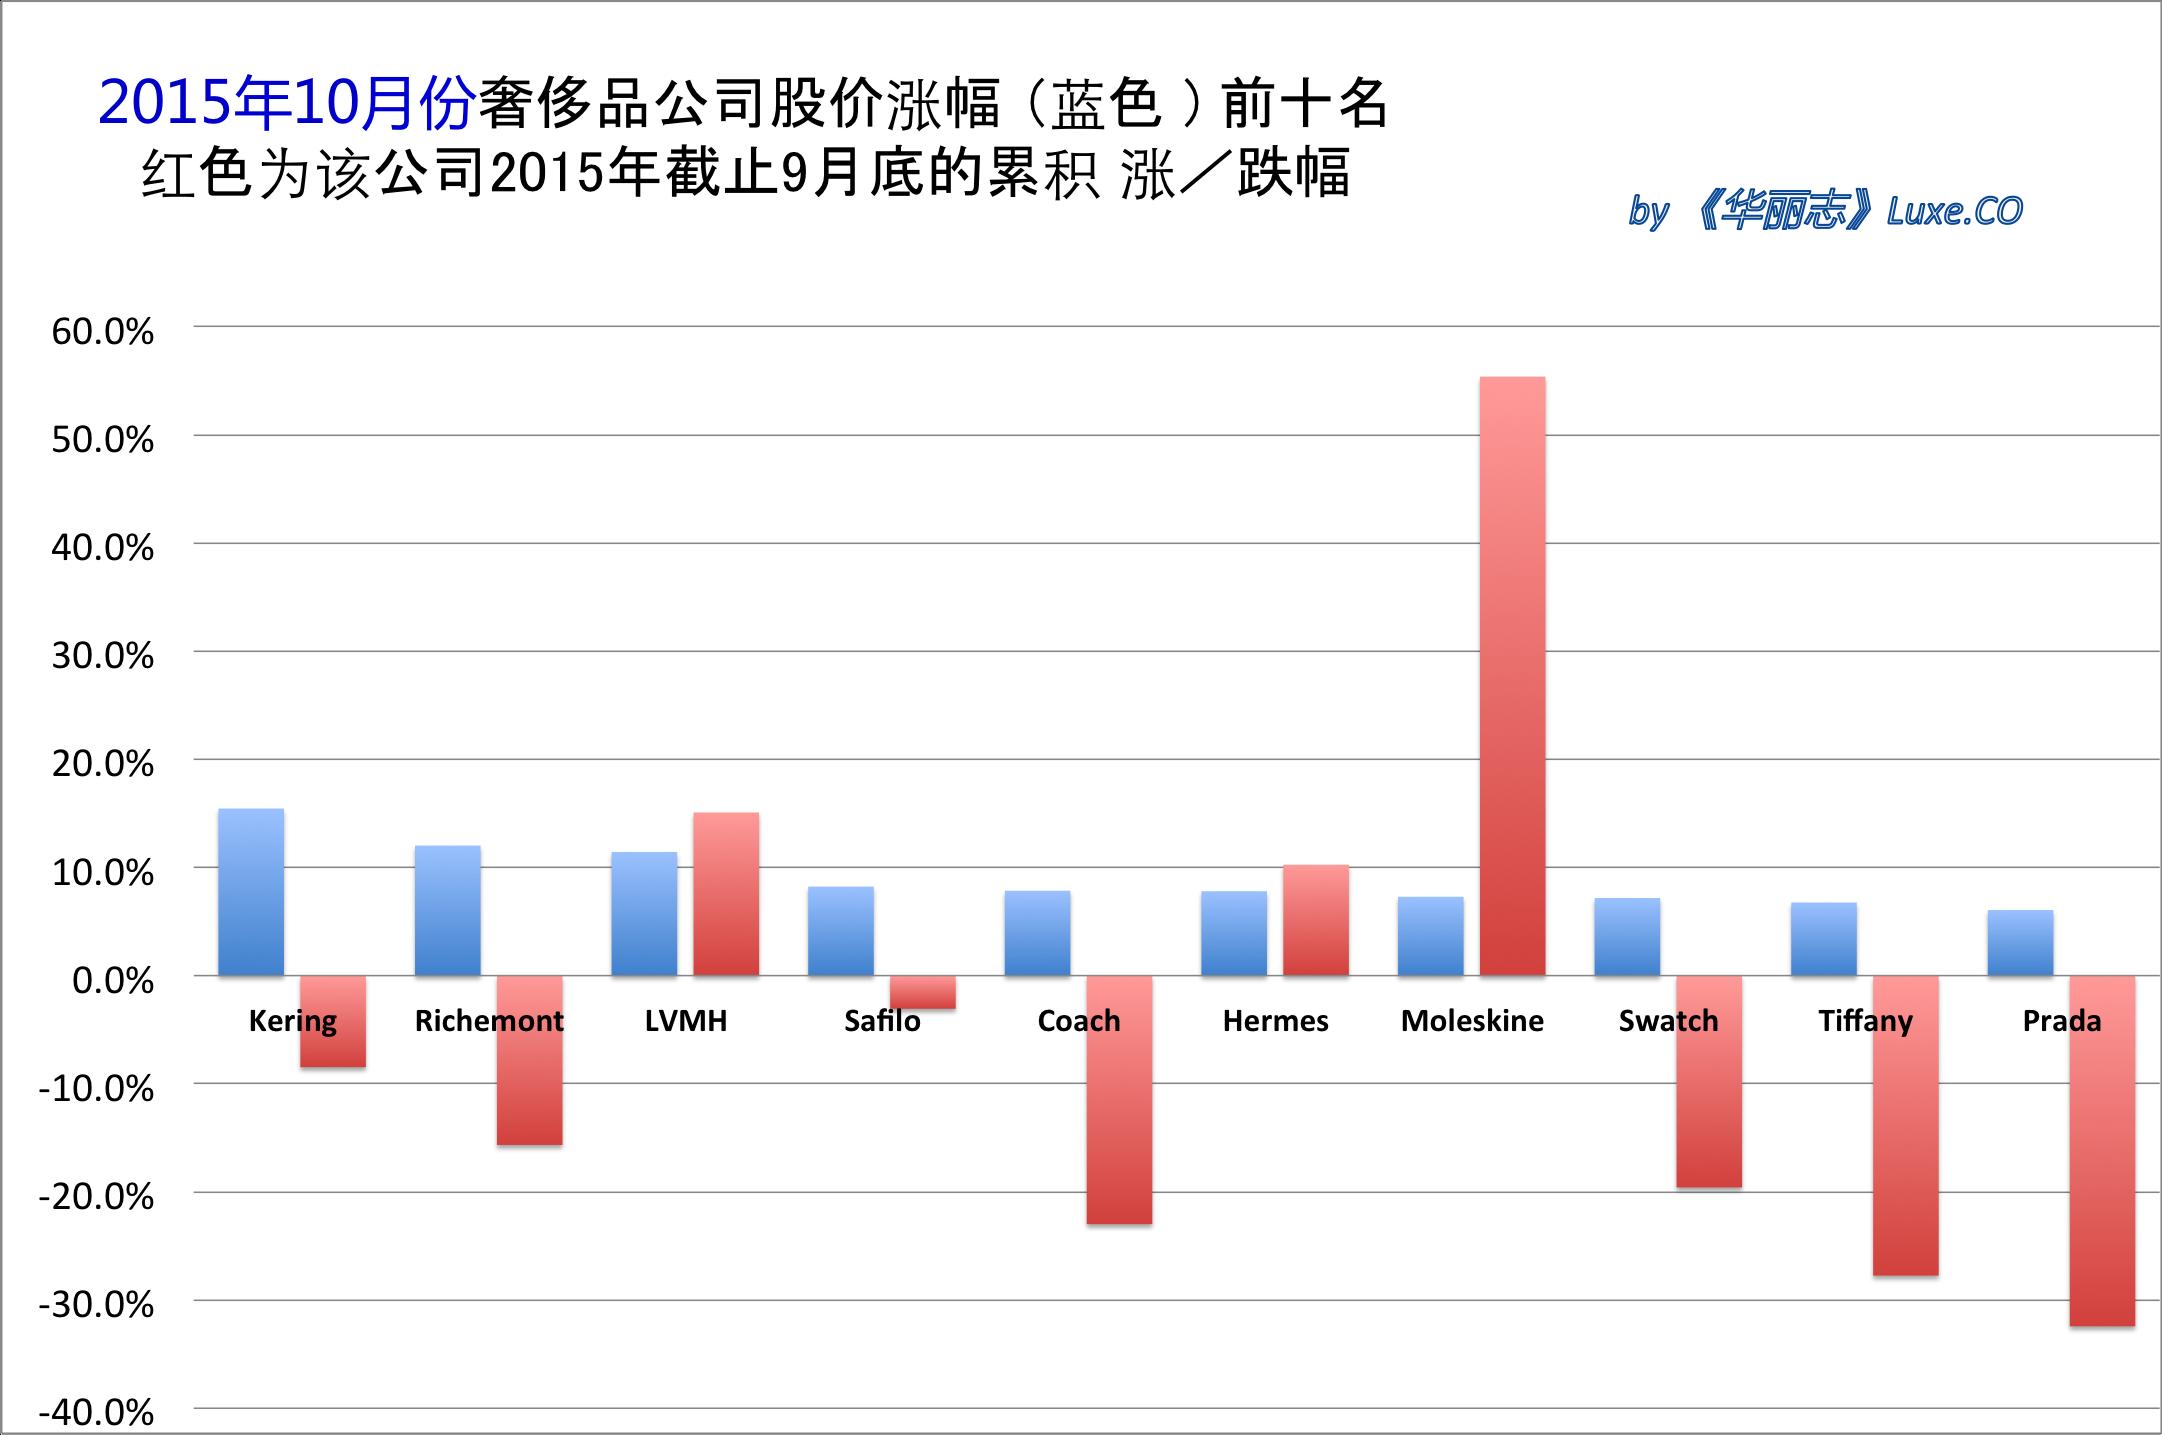 《华丽志》奢侈品股票月度排行榜 (2015年10月)